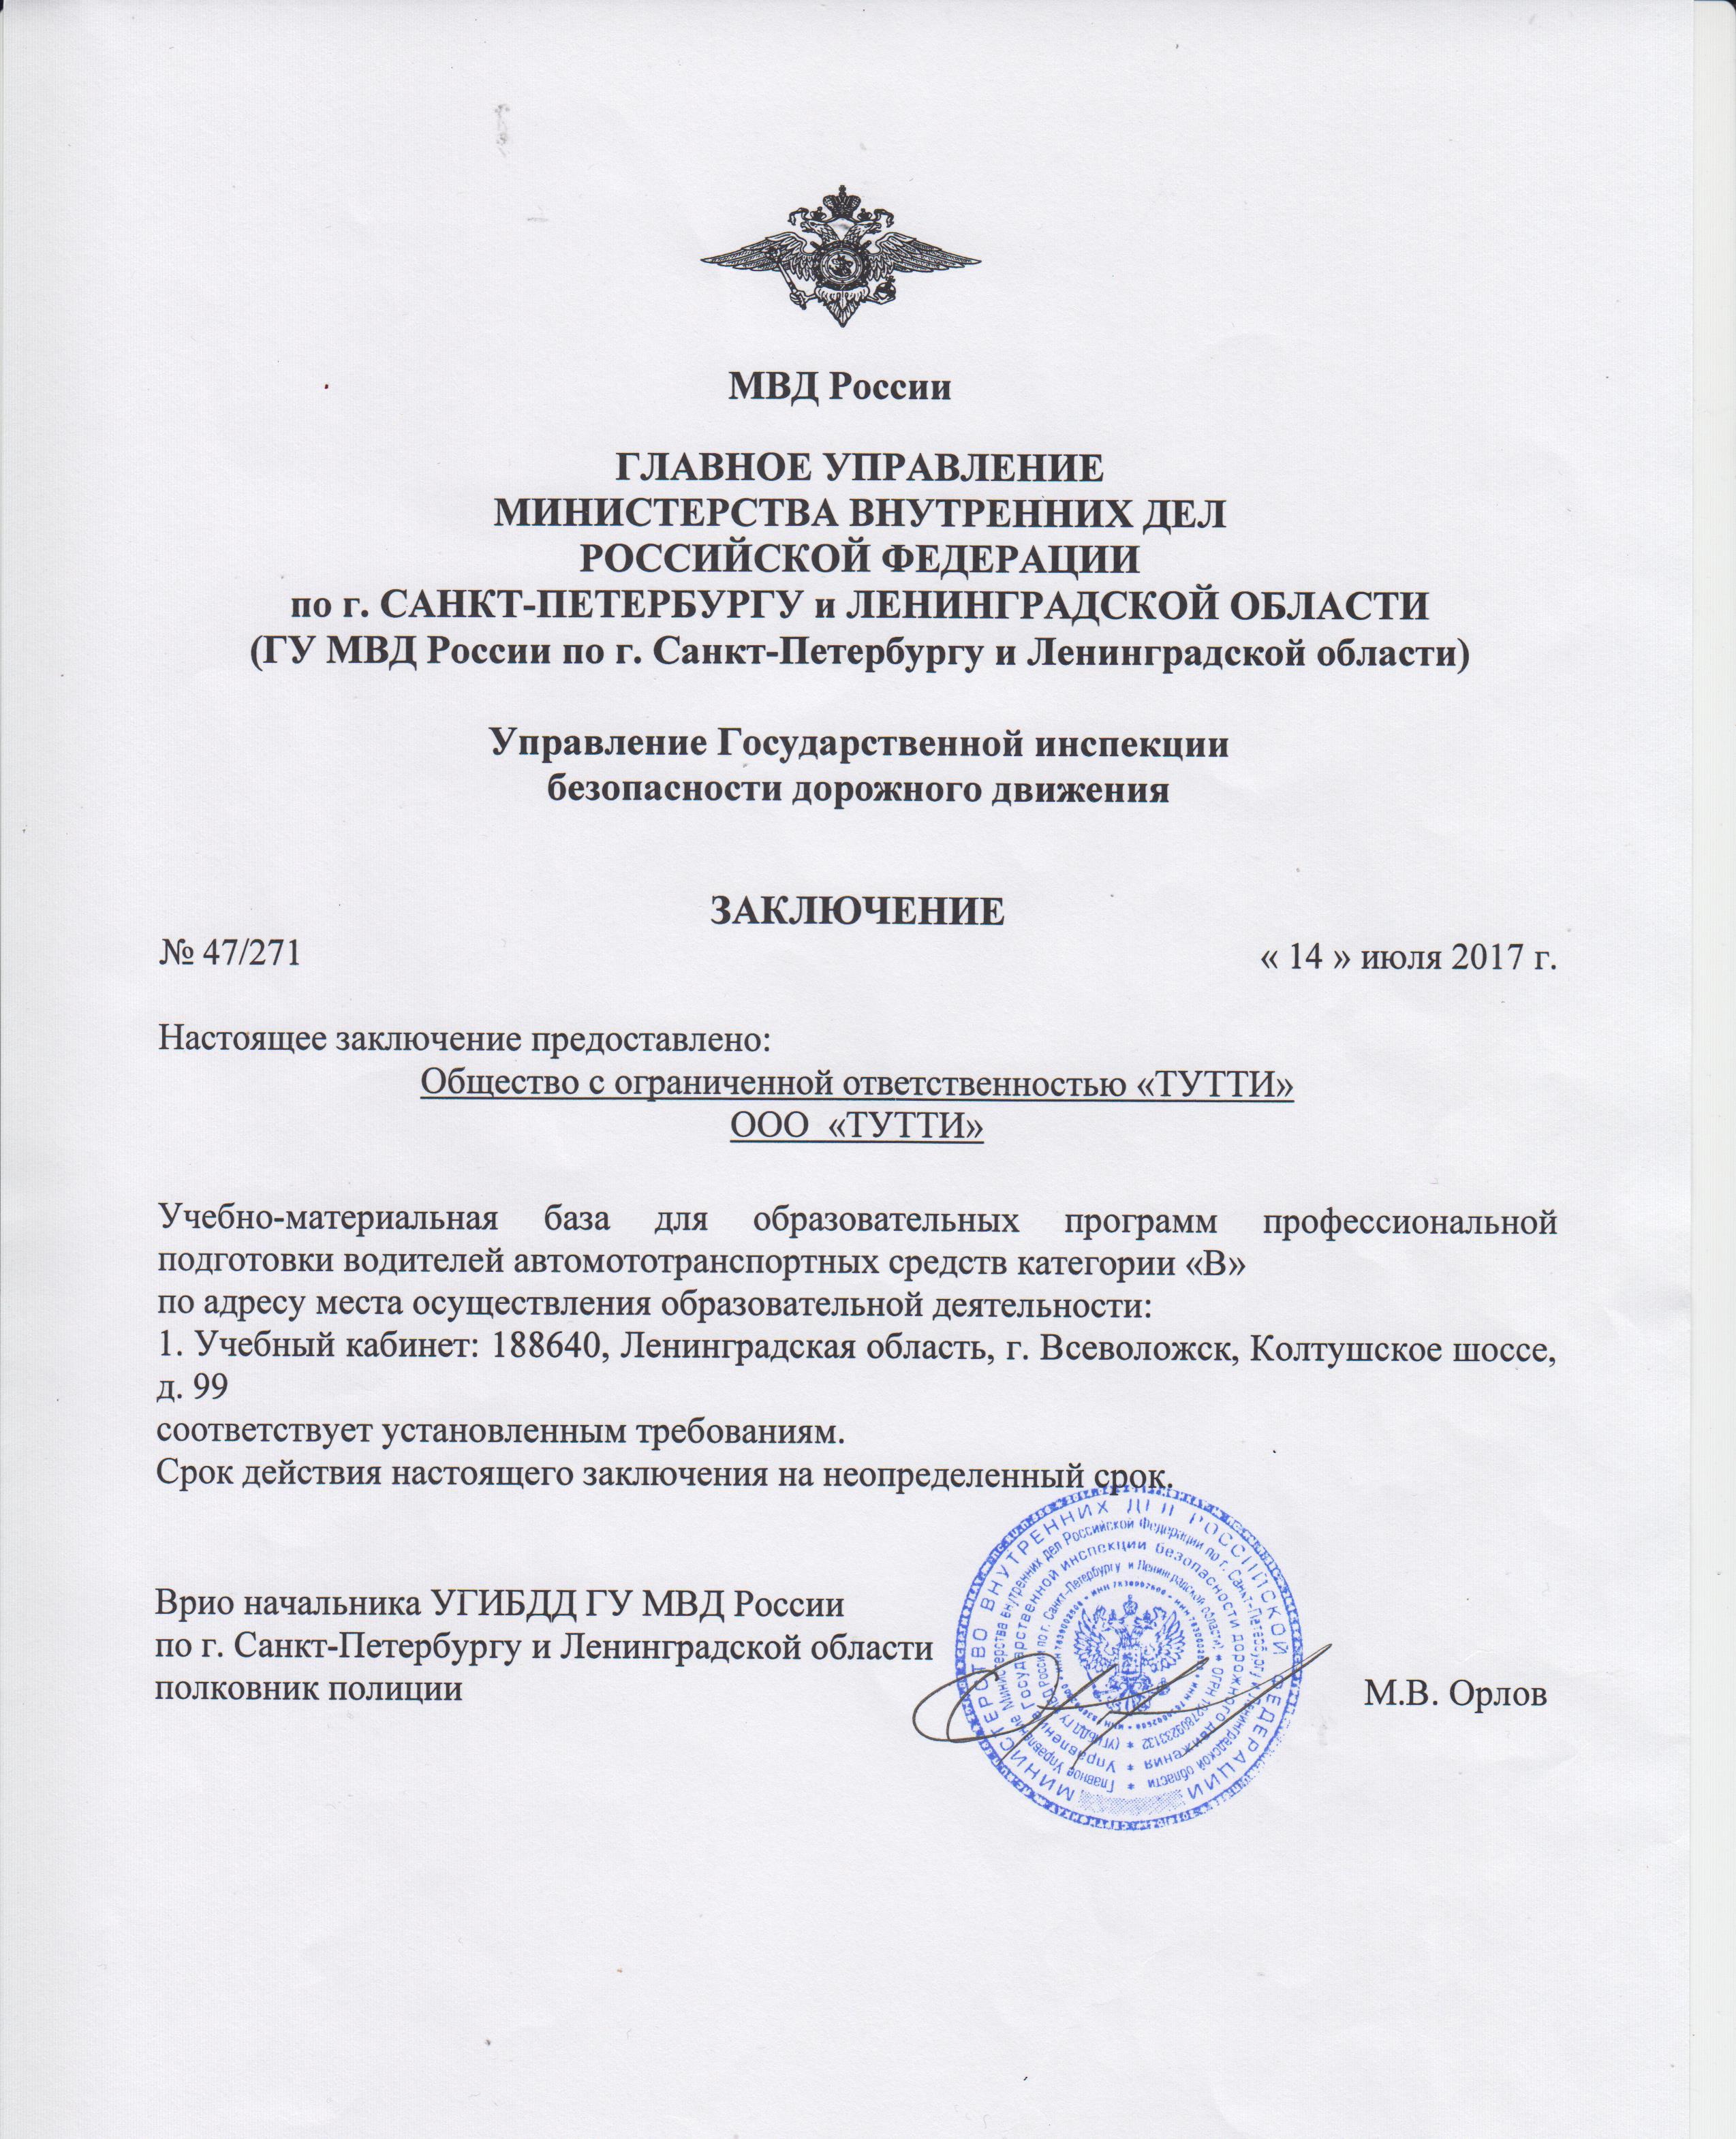 Аттестация автошколы Тутти. Заключение Управления Государственной инспекции безопасности дорожного движения от 14 июля 2017